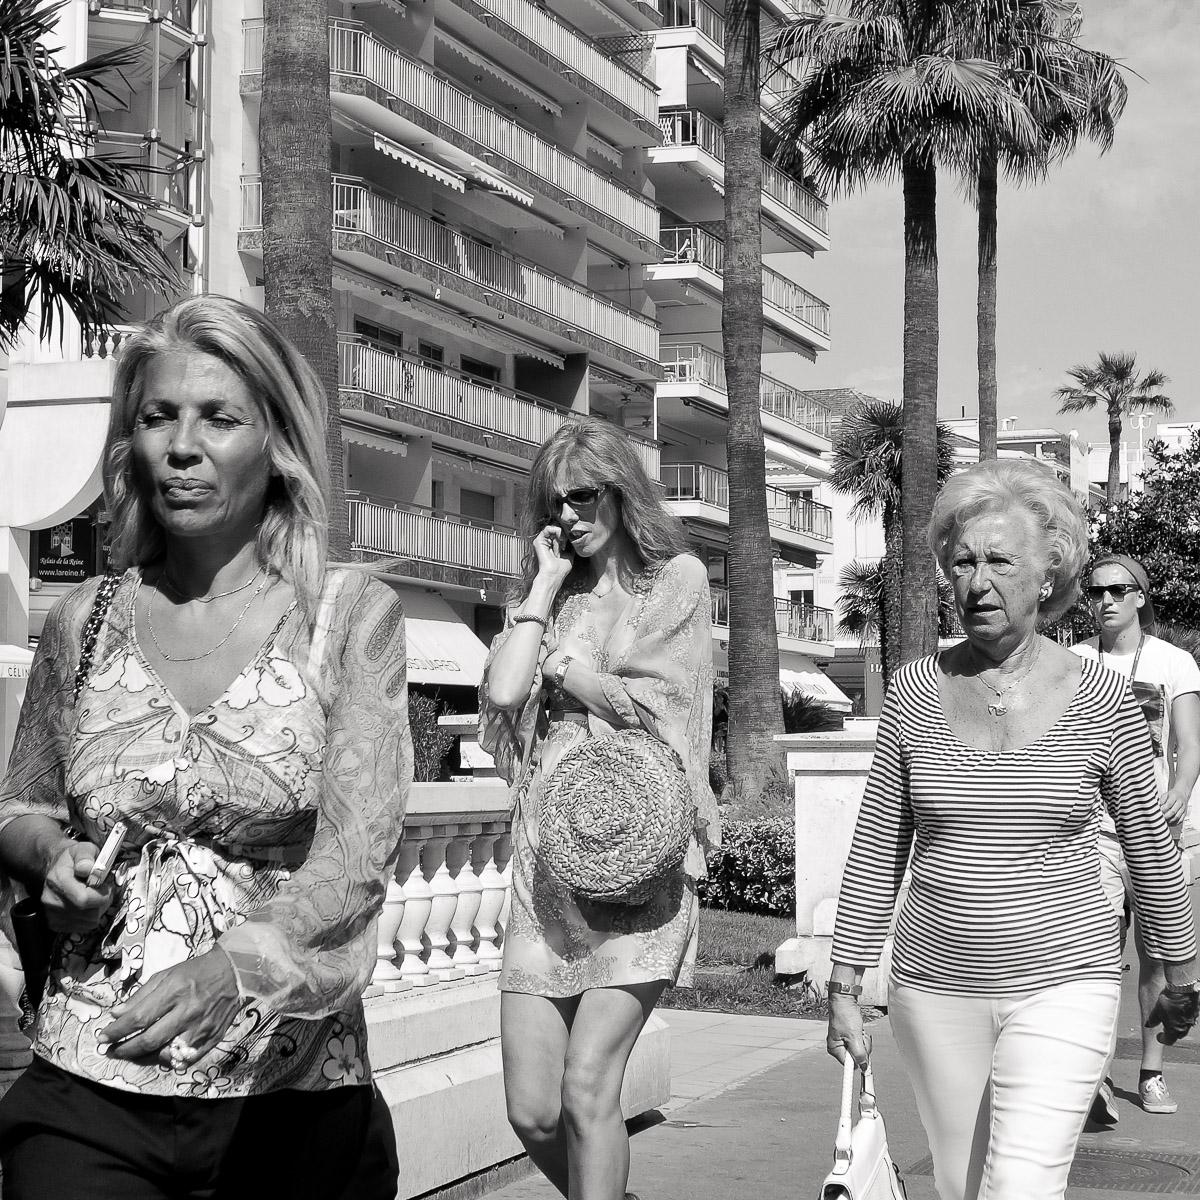 Streets of Cannes - Côte d'Azur